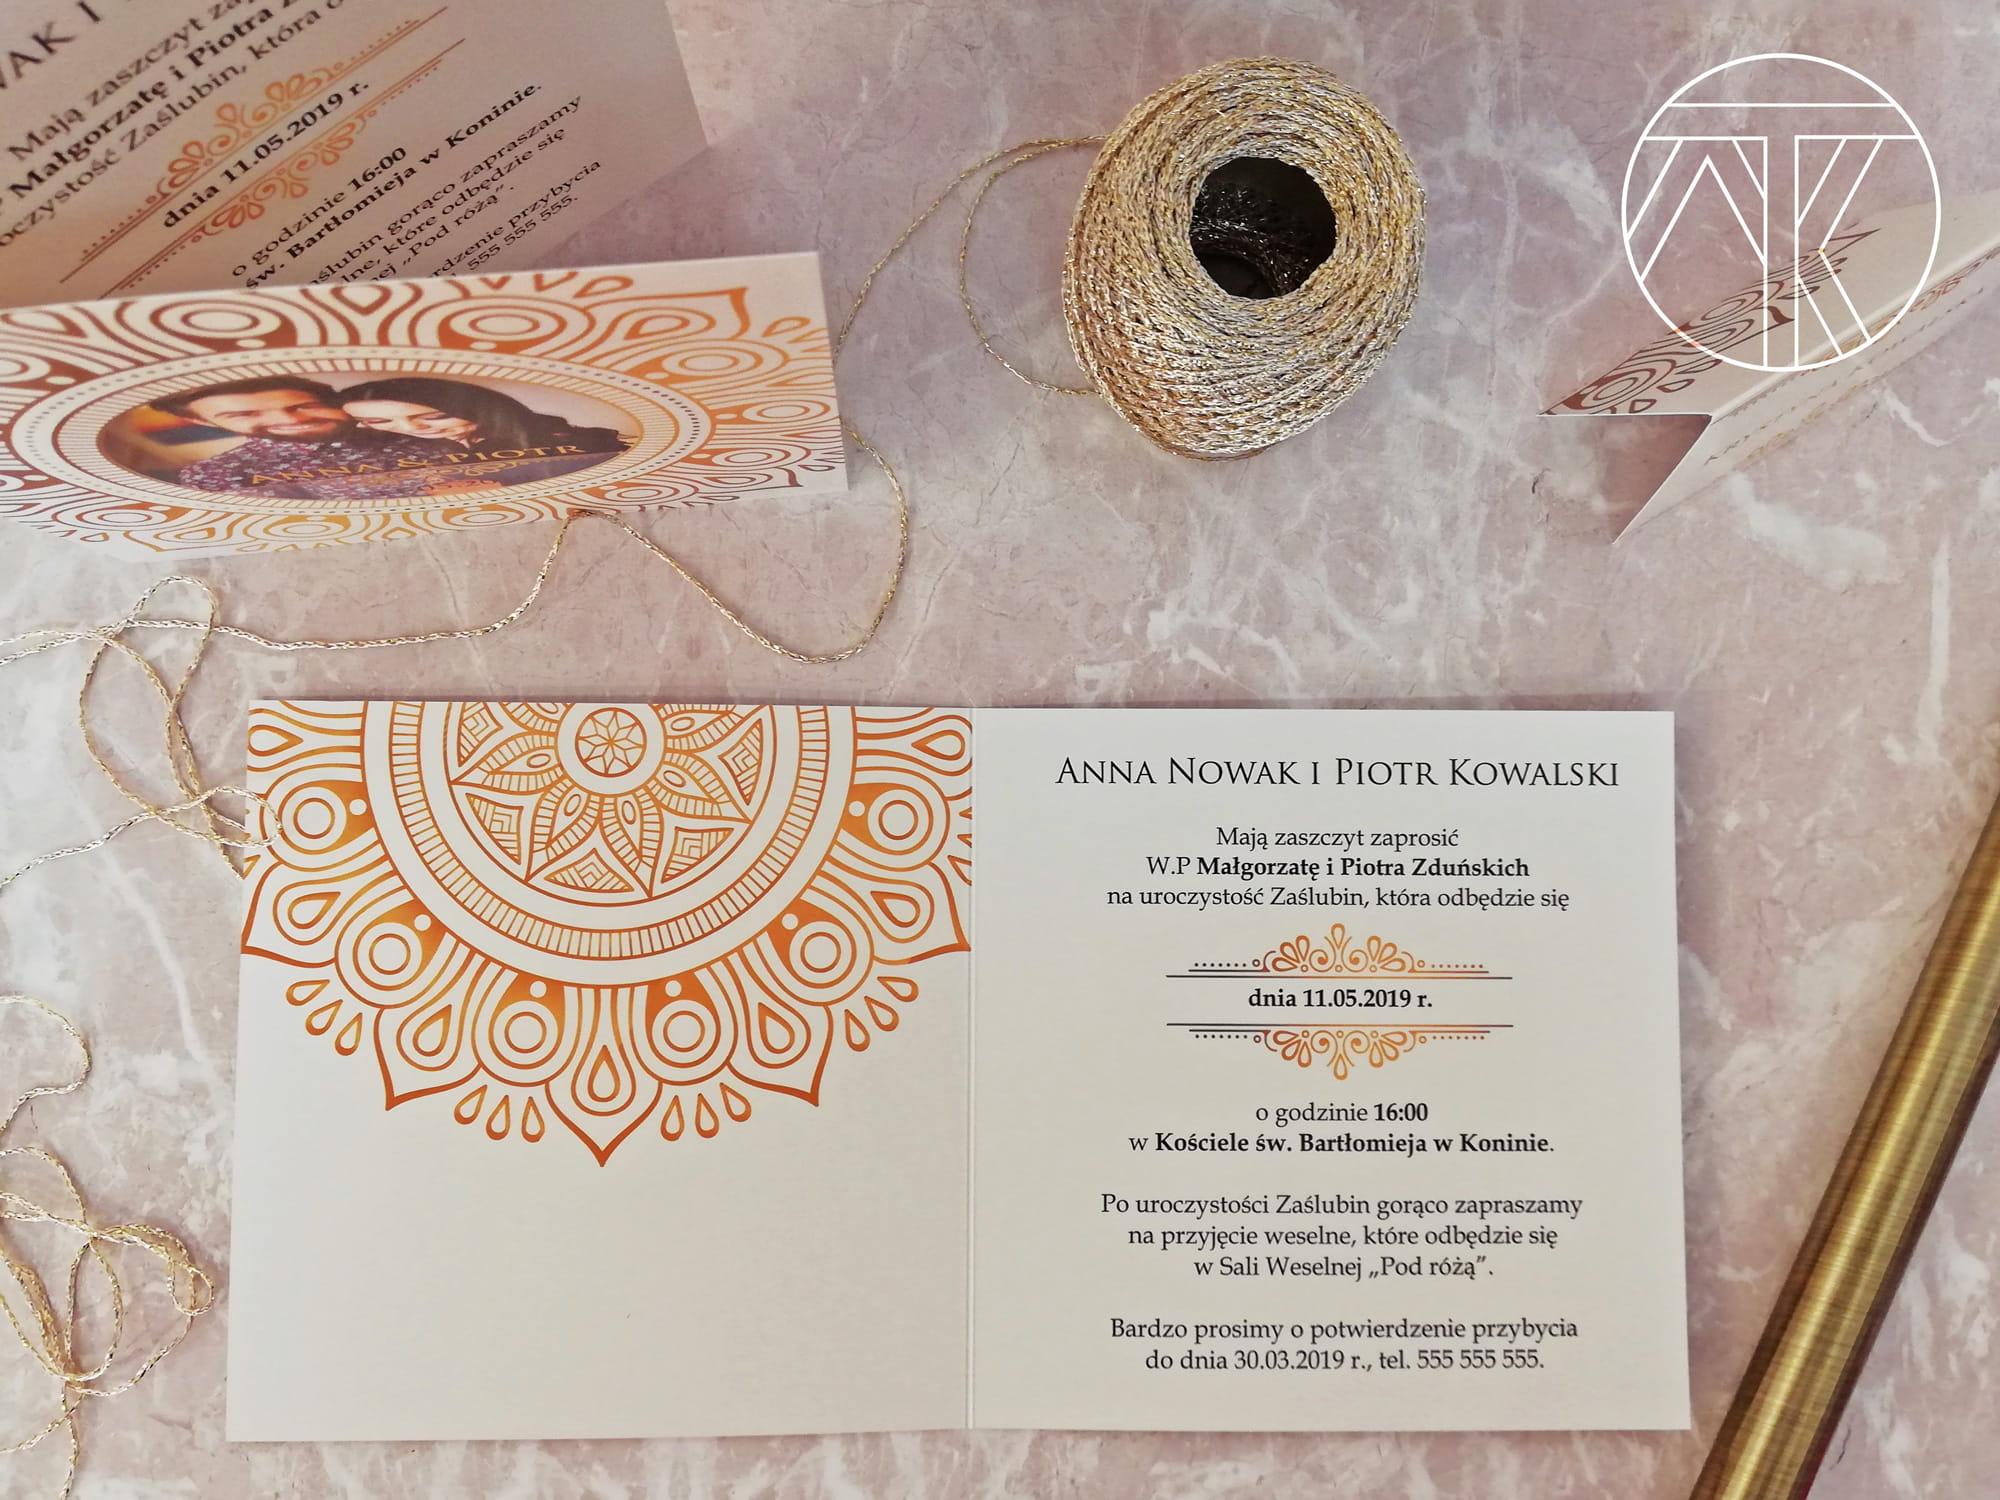 Bardzo dobra Eleganckie zaproszenie ślubne ze zdjęciem - Glamour złoto Mówimy RW38